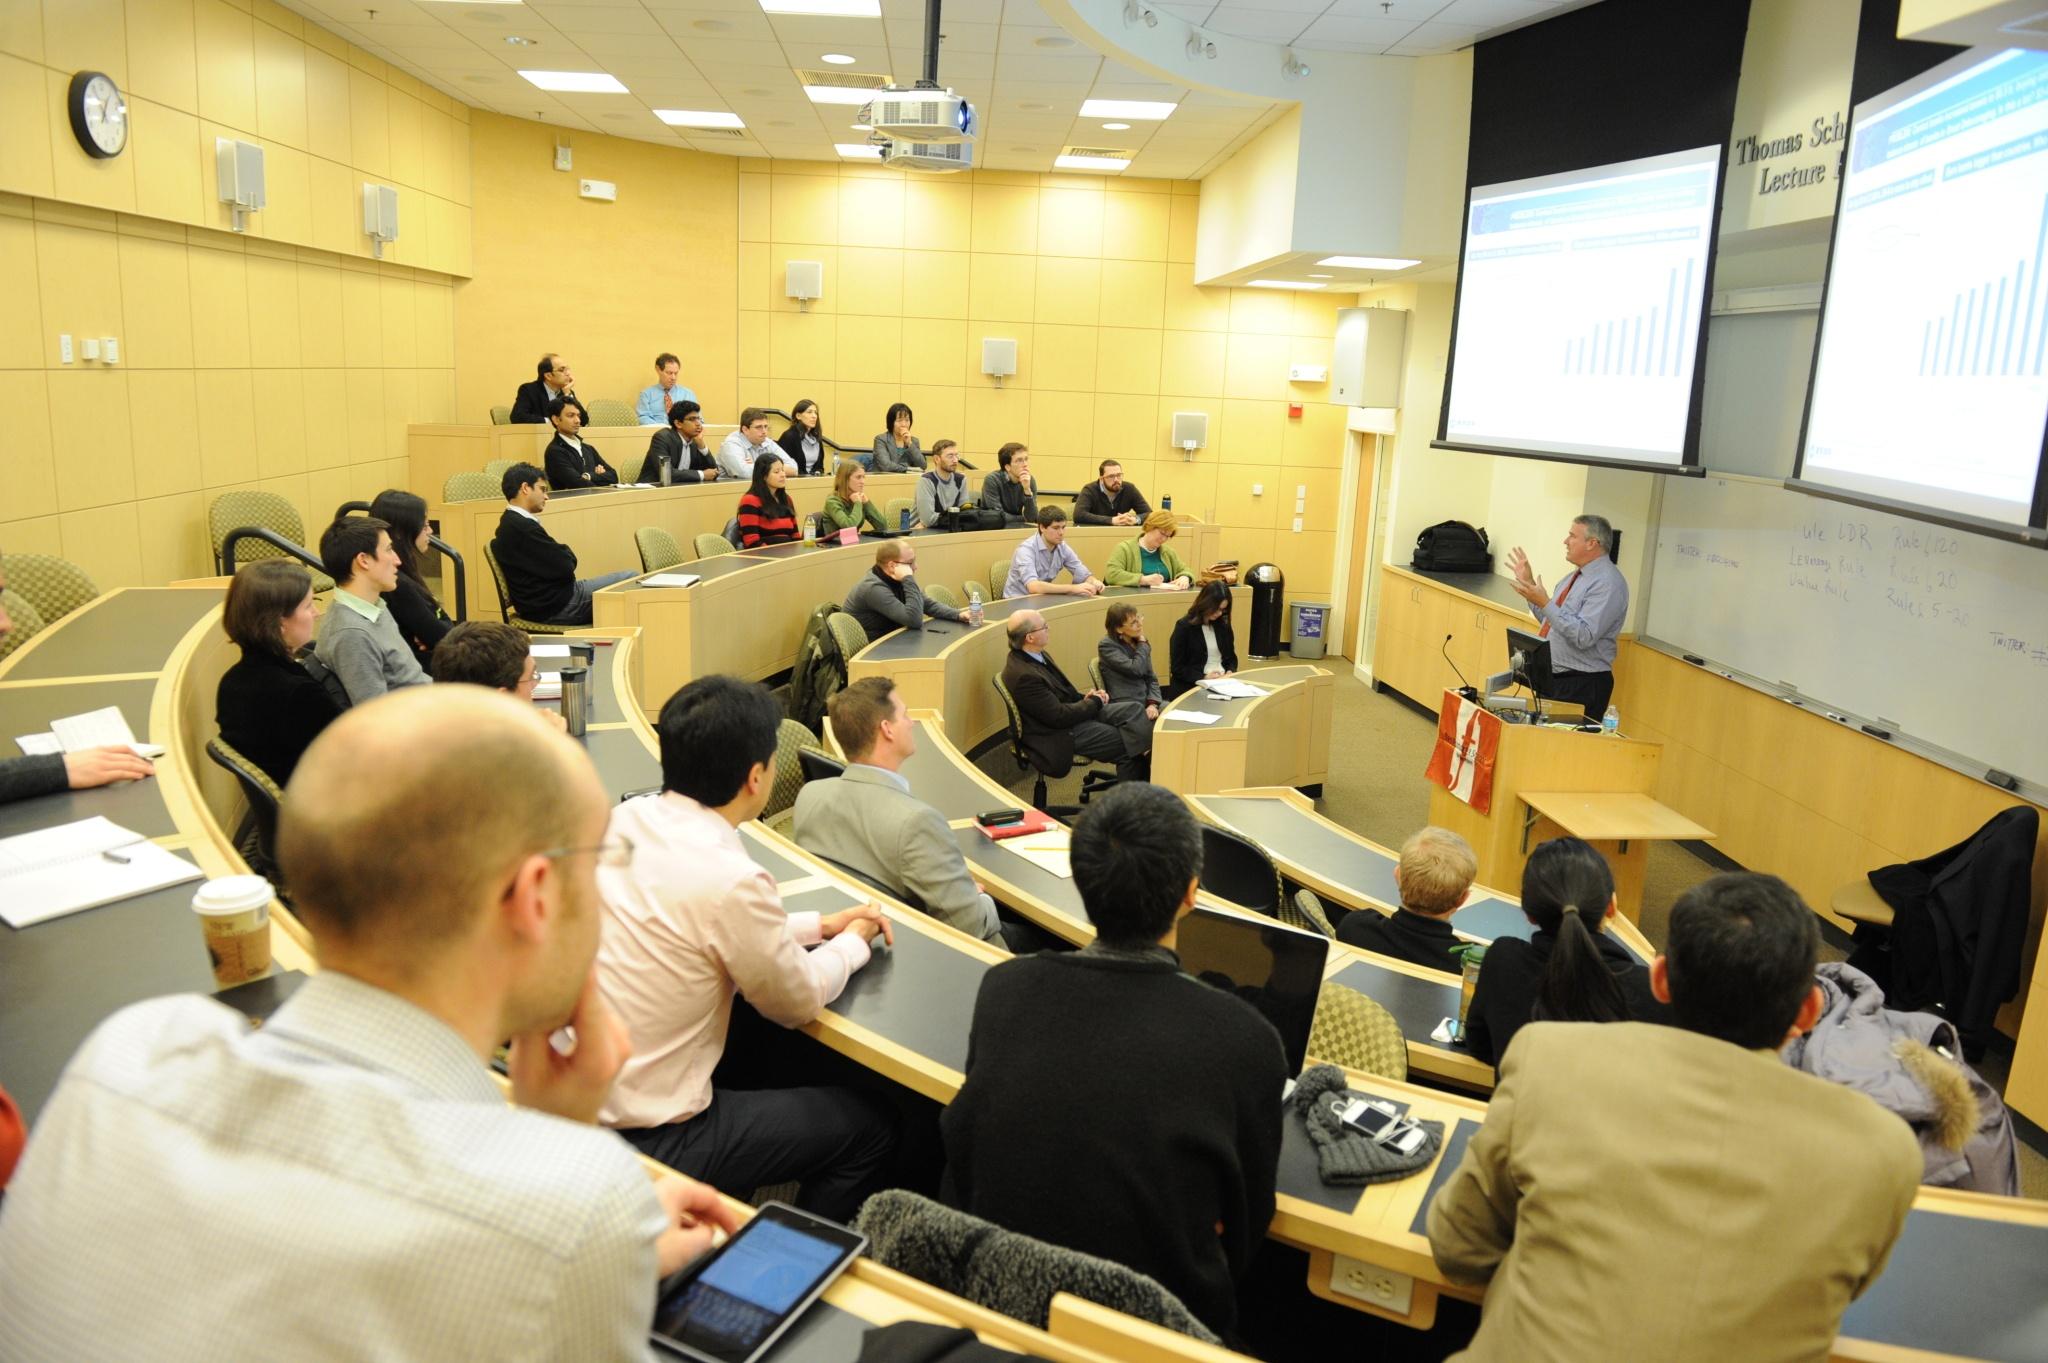 Tufts_University-Auditorium.jpg